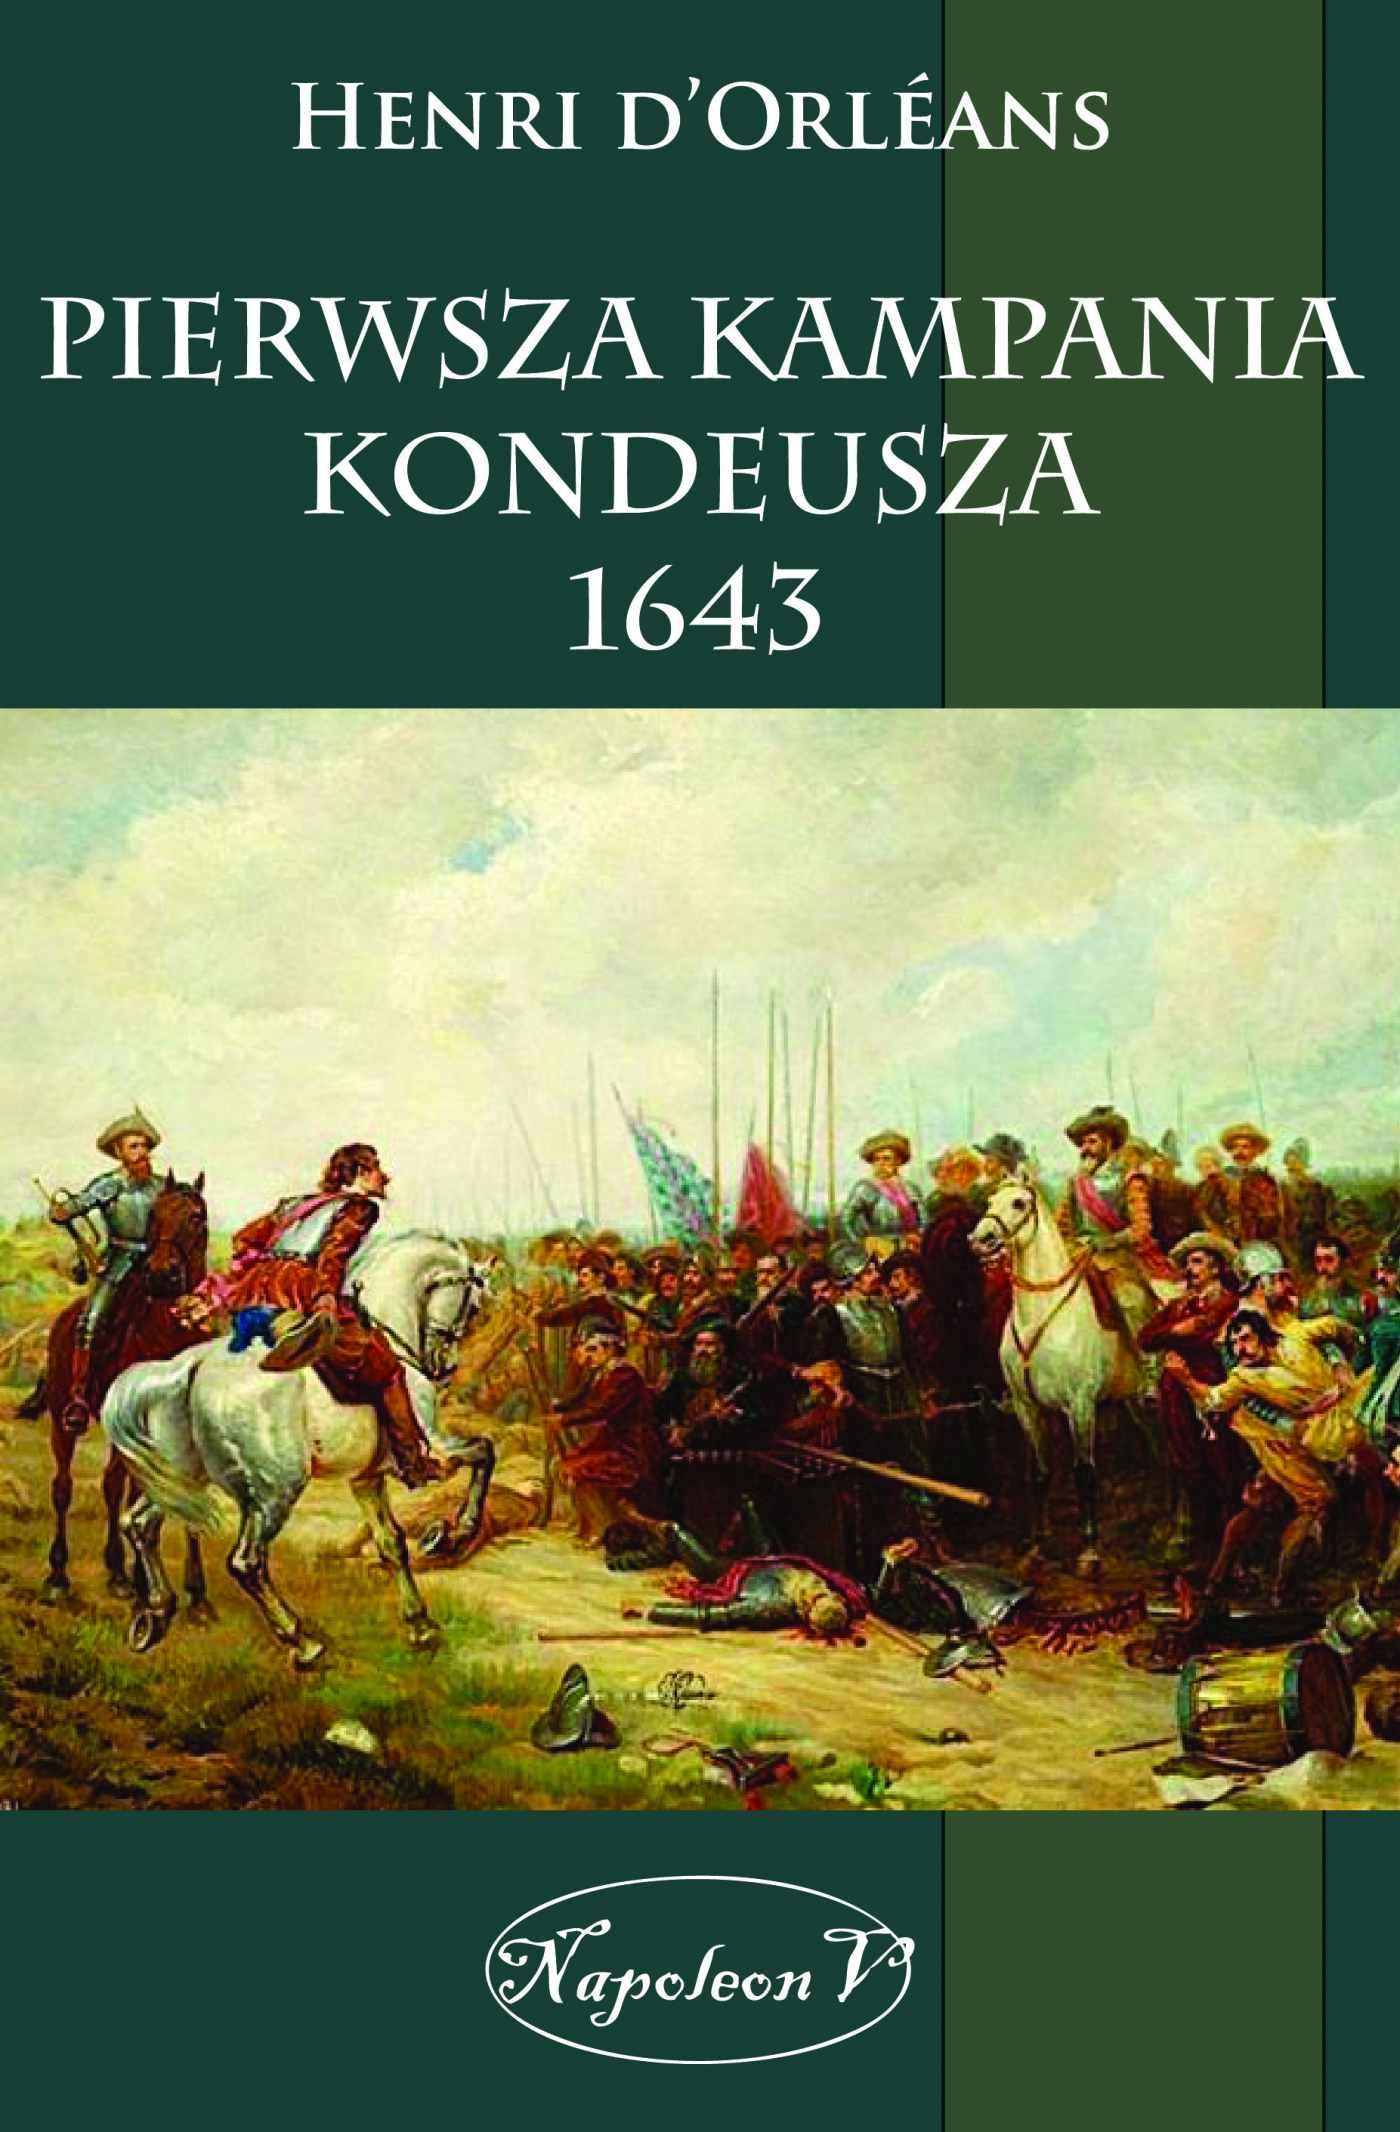 Pierwsza kampania Kondeusza 1643 - Ebook (Książka EPUB) do pobrania w formacie EPUB